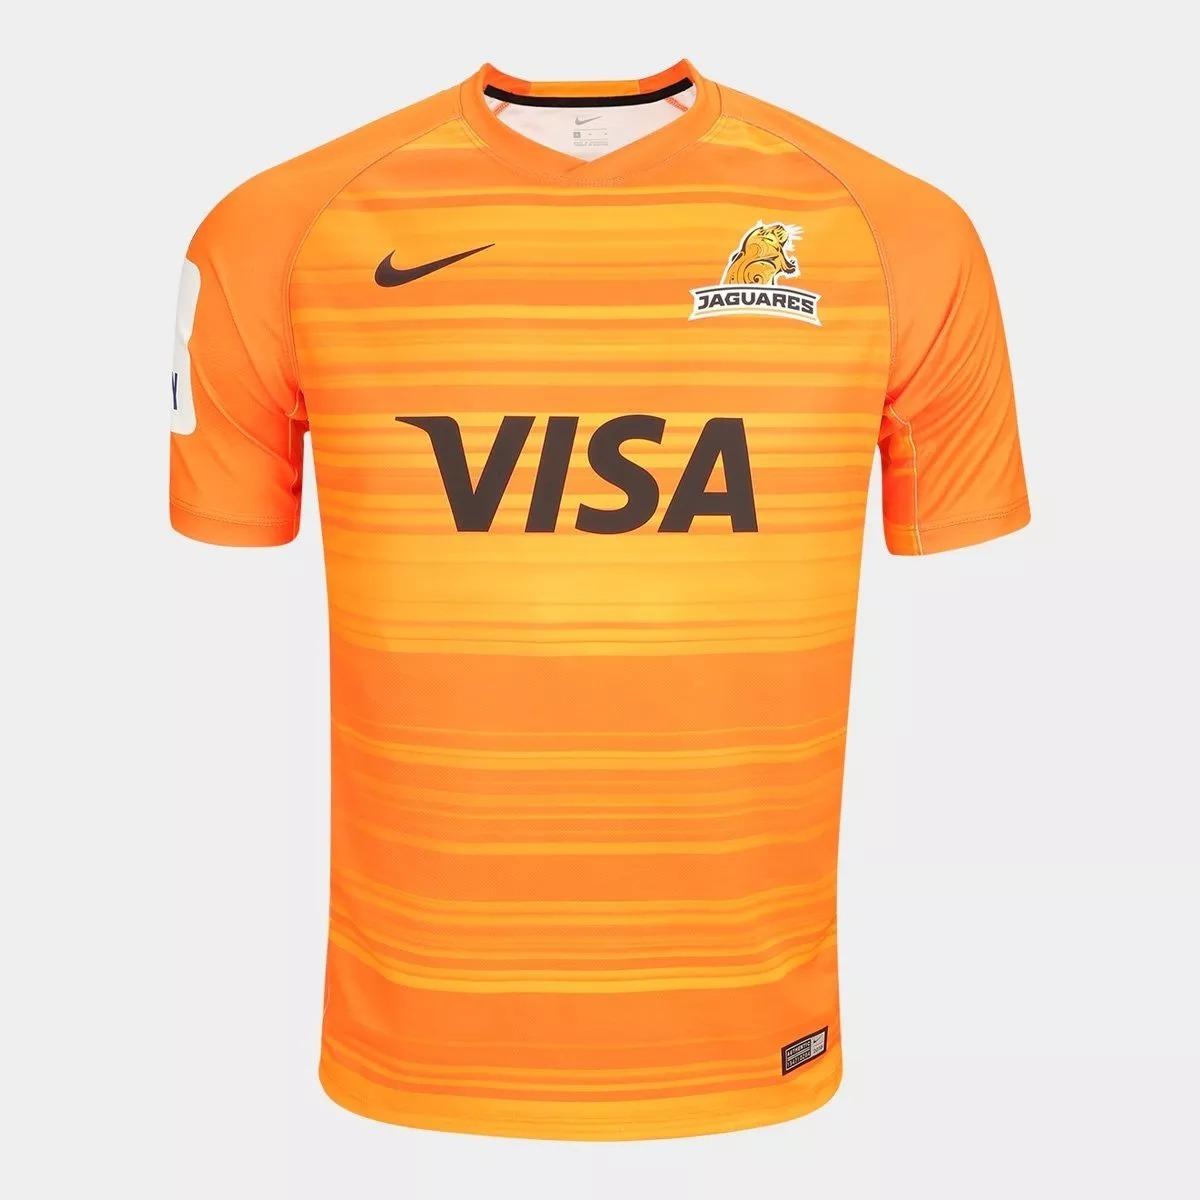 027bed46e2 camiseta nike jaguares dry stadium alternativa 2018 -. Cargando zoom.